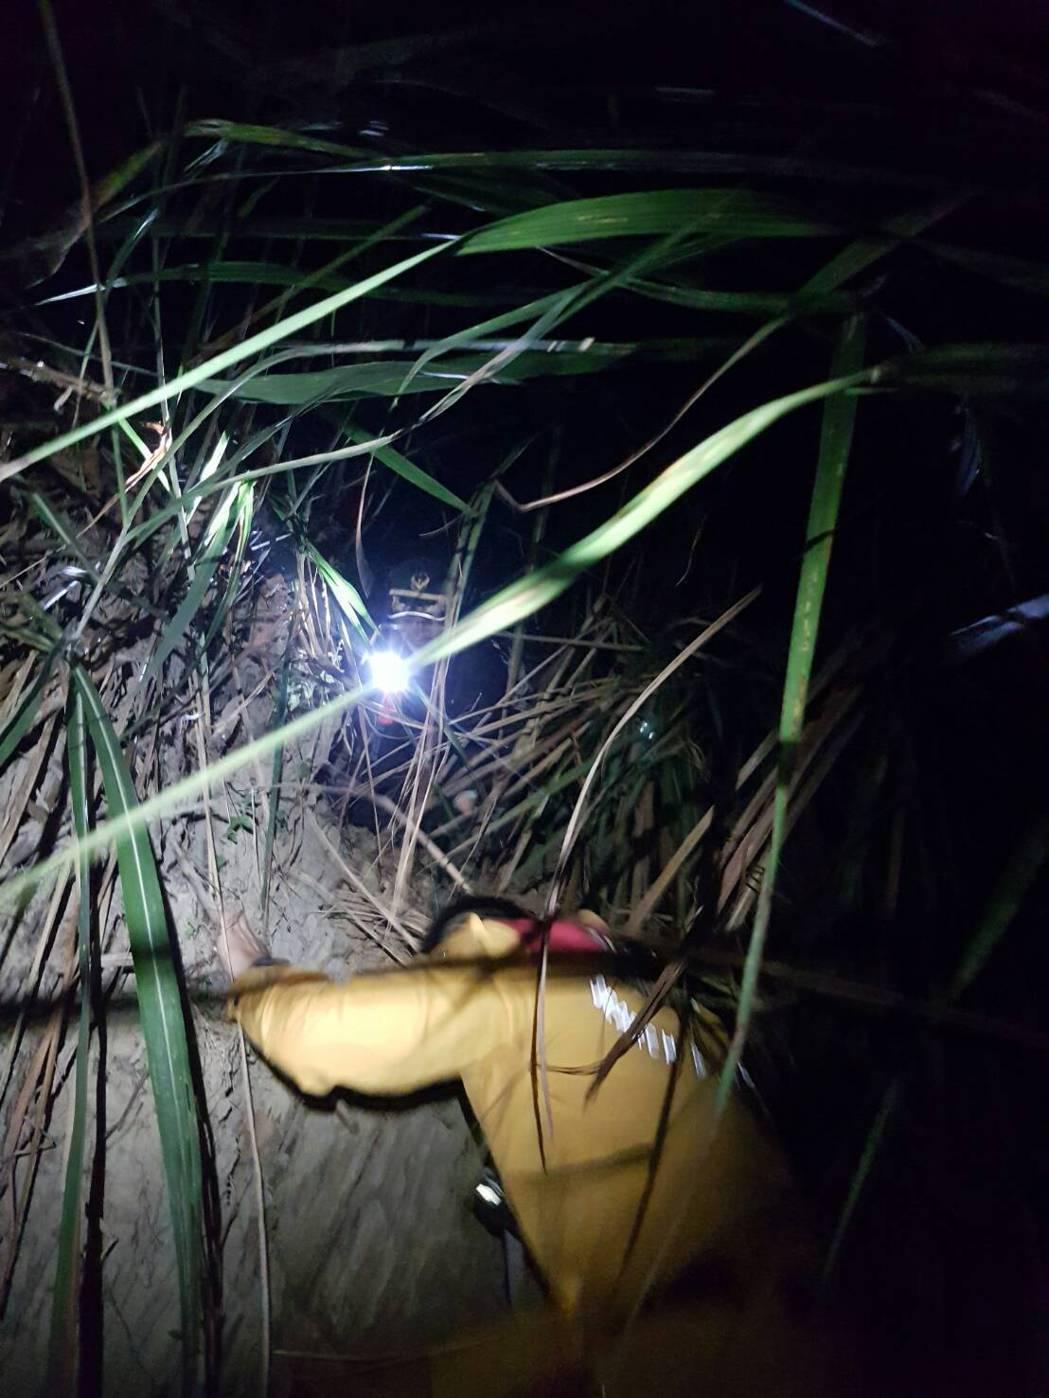 高雄市消防局昨晚透過119報案 APP,成功救援登山客。記者蕭雅娟/翻攝